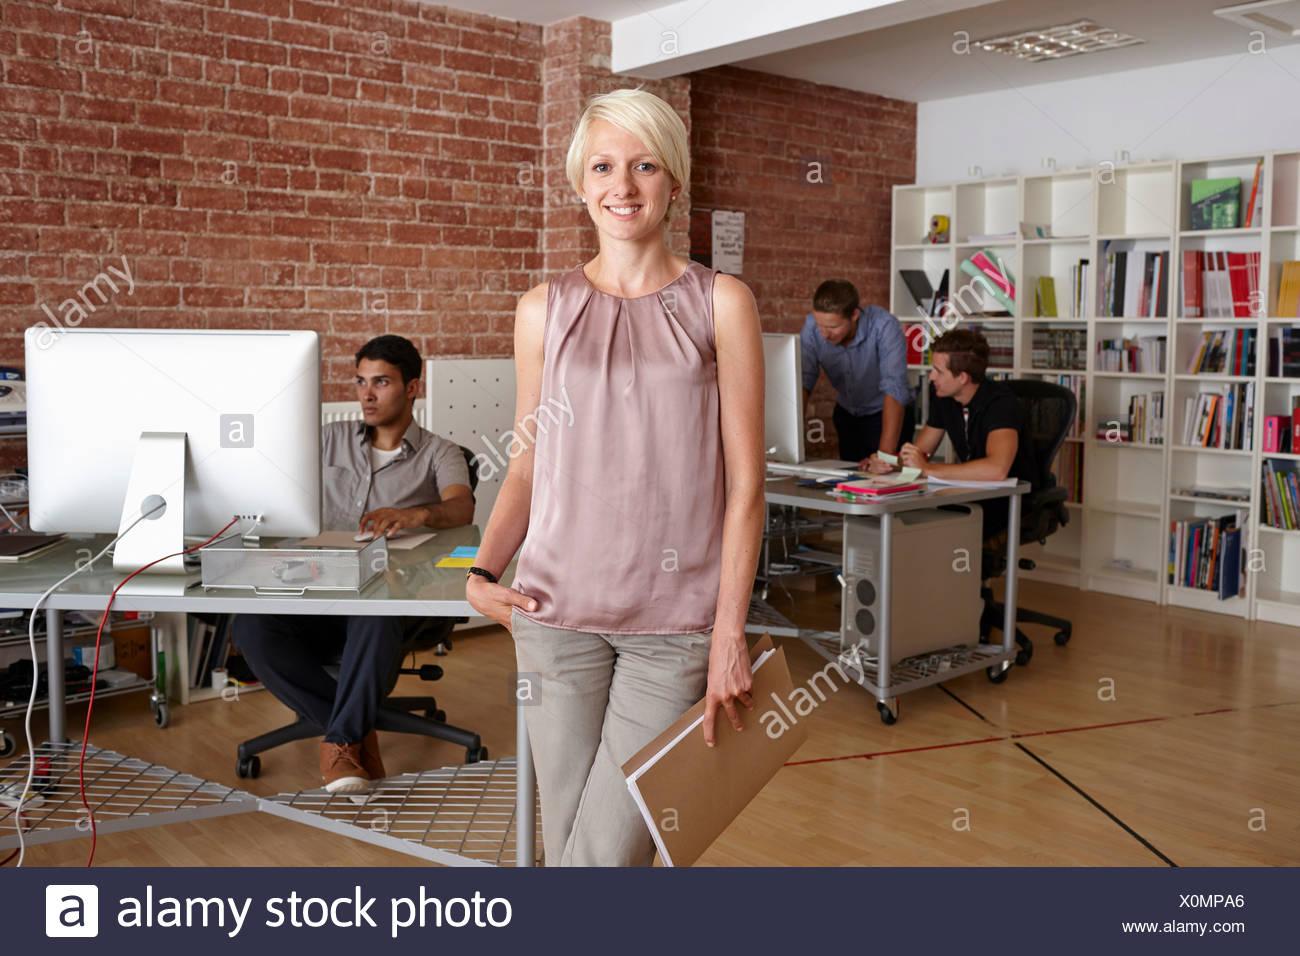 Ritratto di metà donna adulta in ufficio creativo Immagini Stock